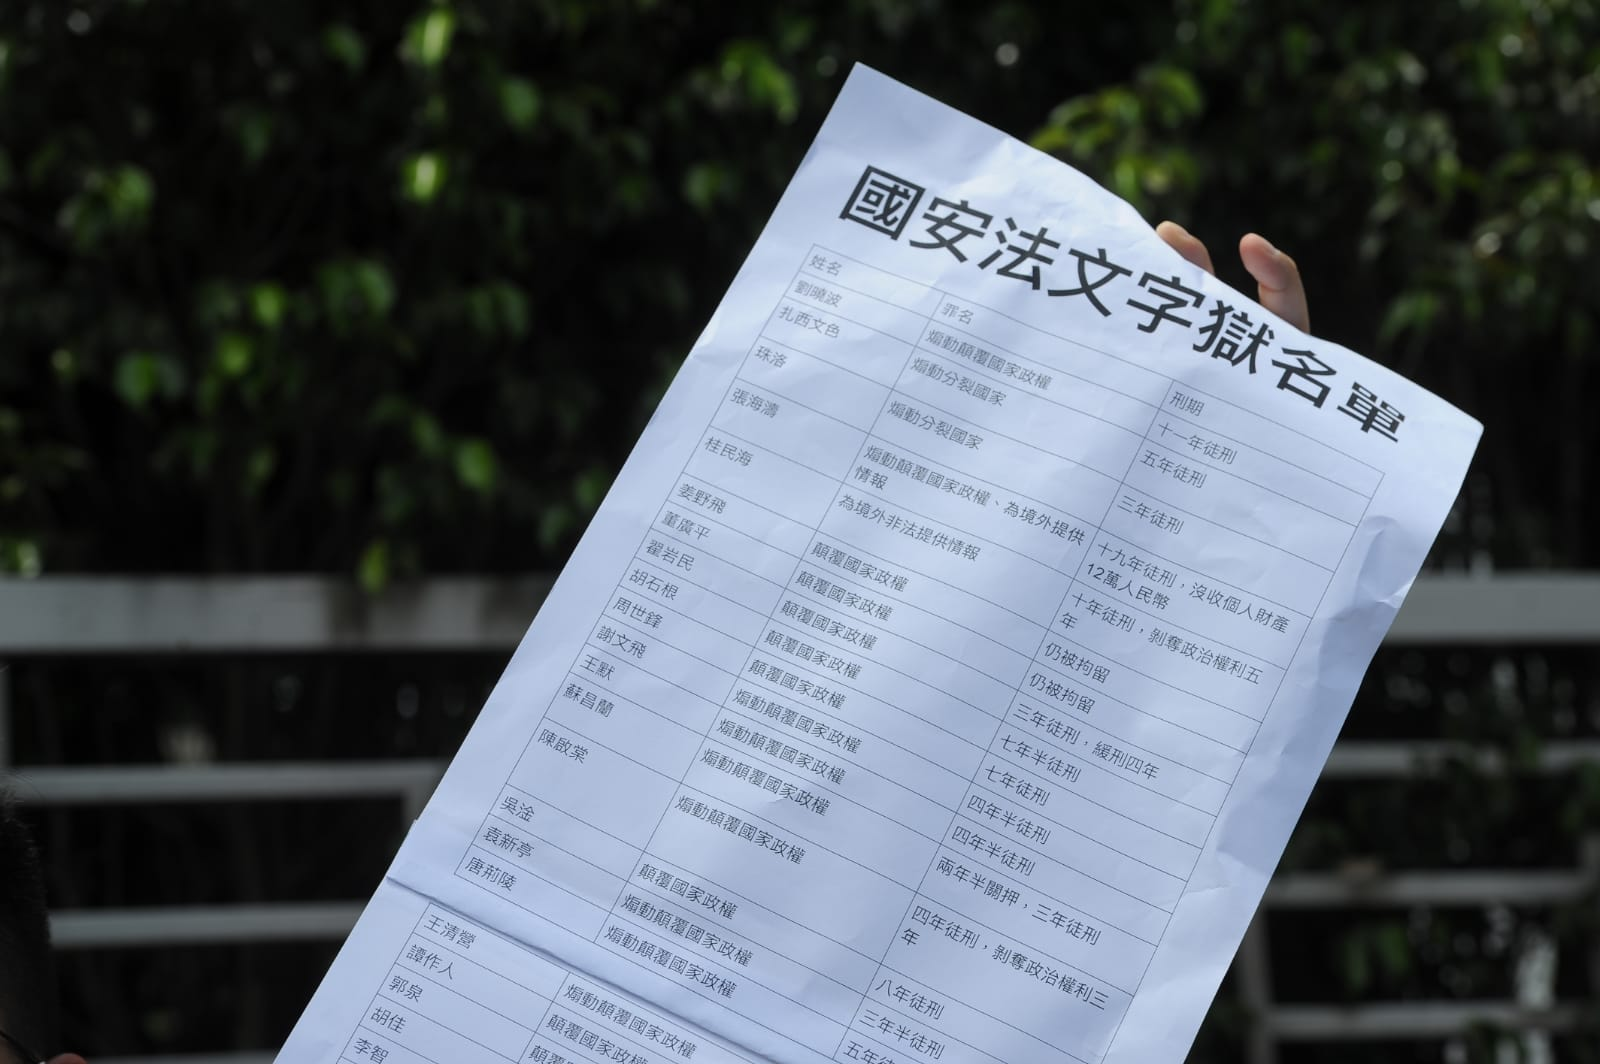 社民連展示被中共判定「顛覆國家罪」名單。(宋碧龍/大紀元)